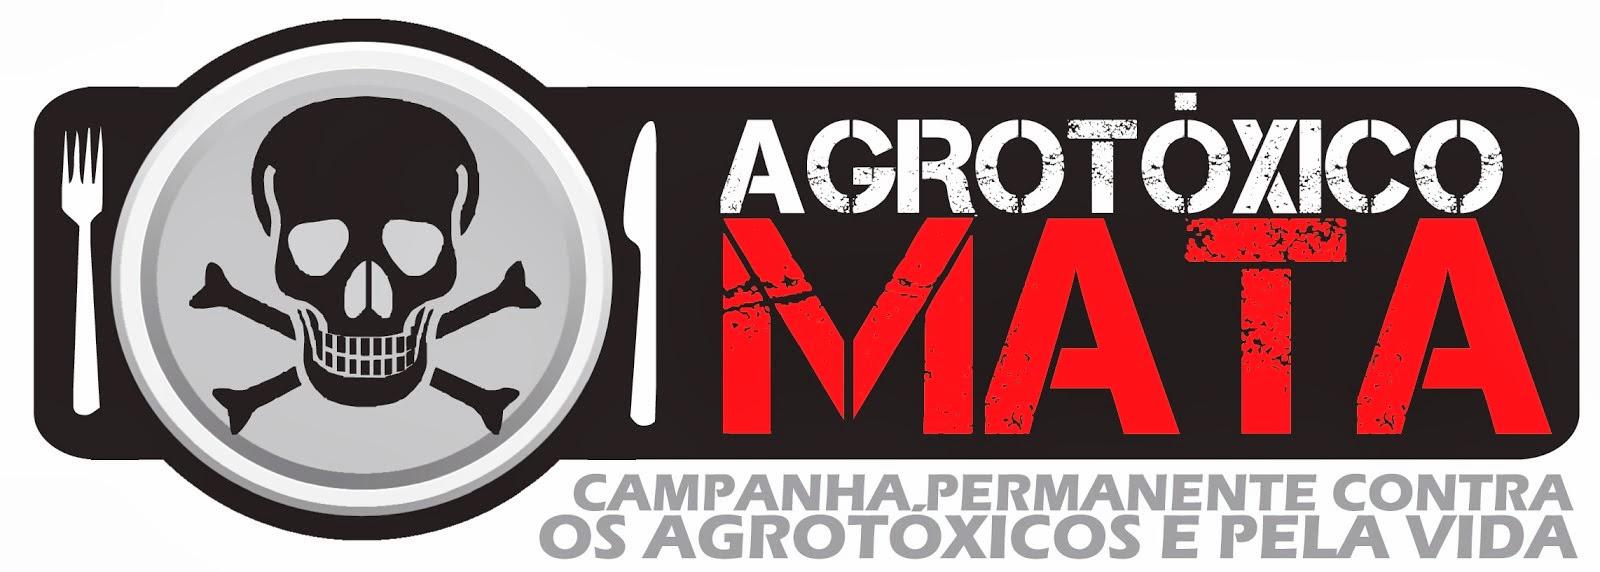 logo_em_alta